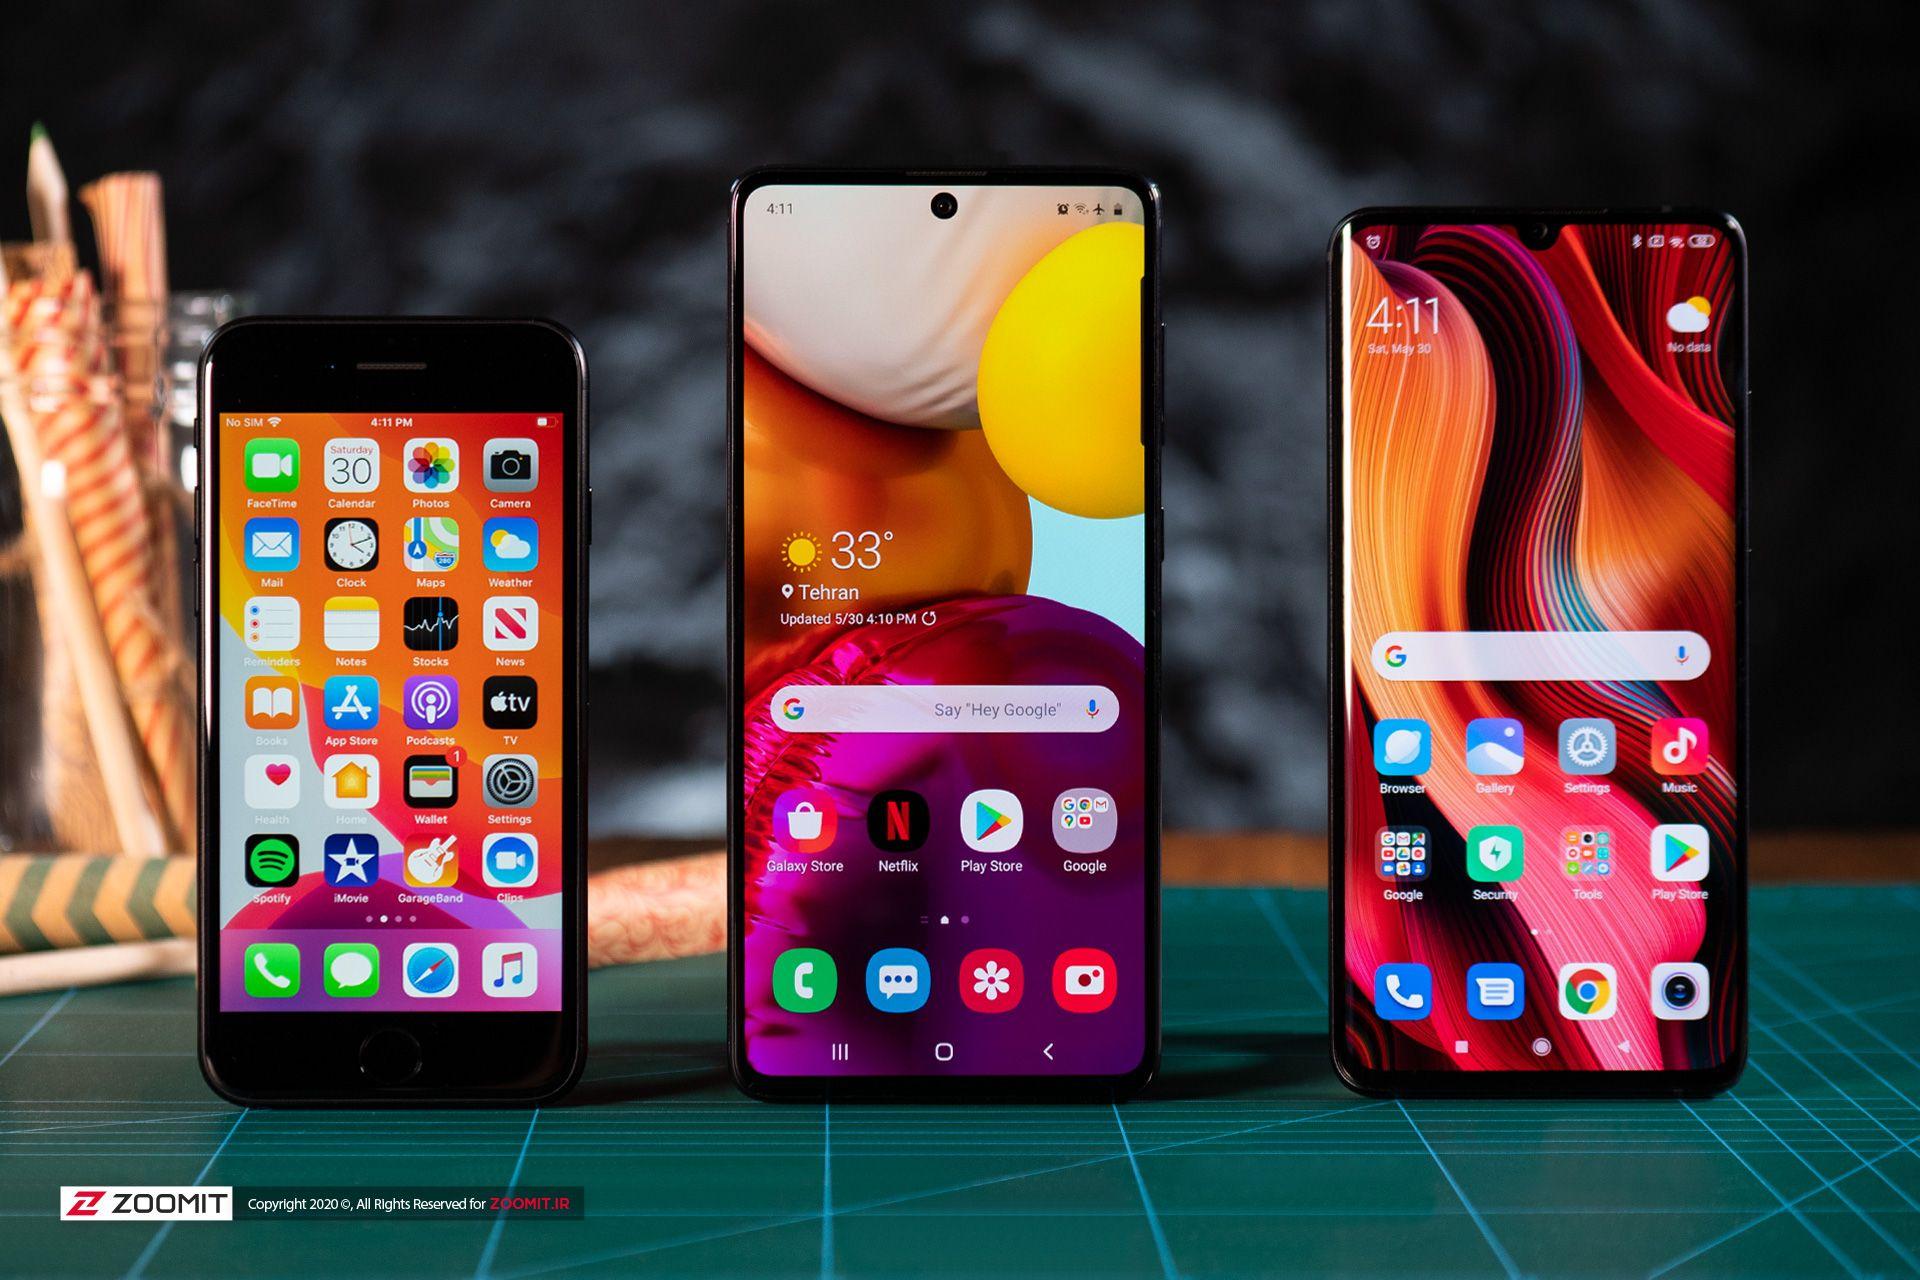 اپل آیفون SE 2020 با شیائومی می نوت 10 و سامسونگ گلکسی A71